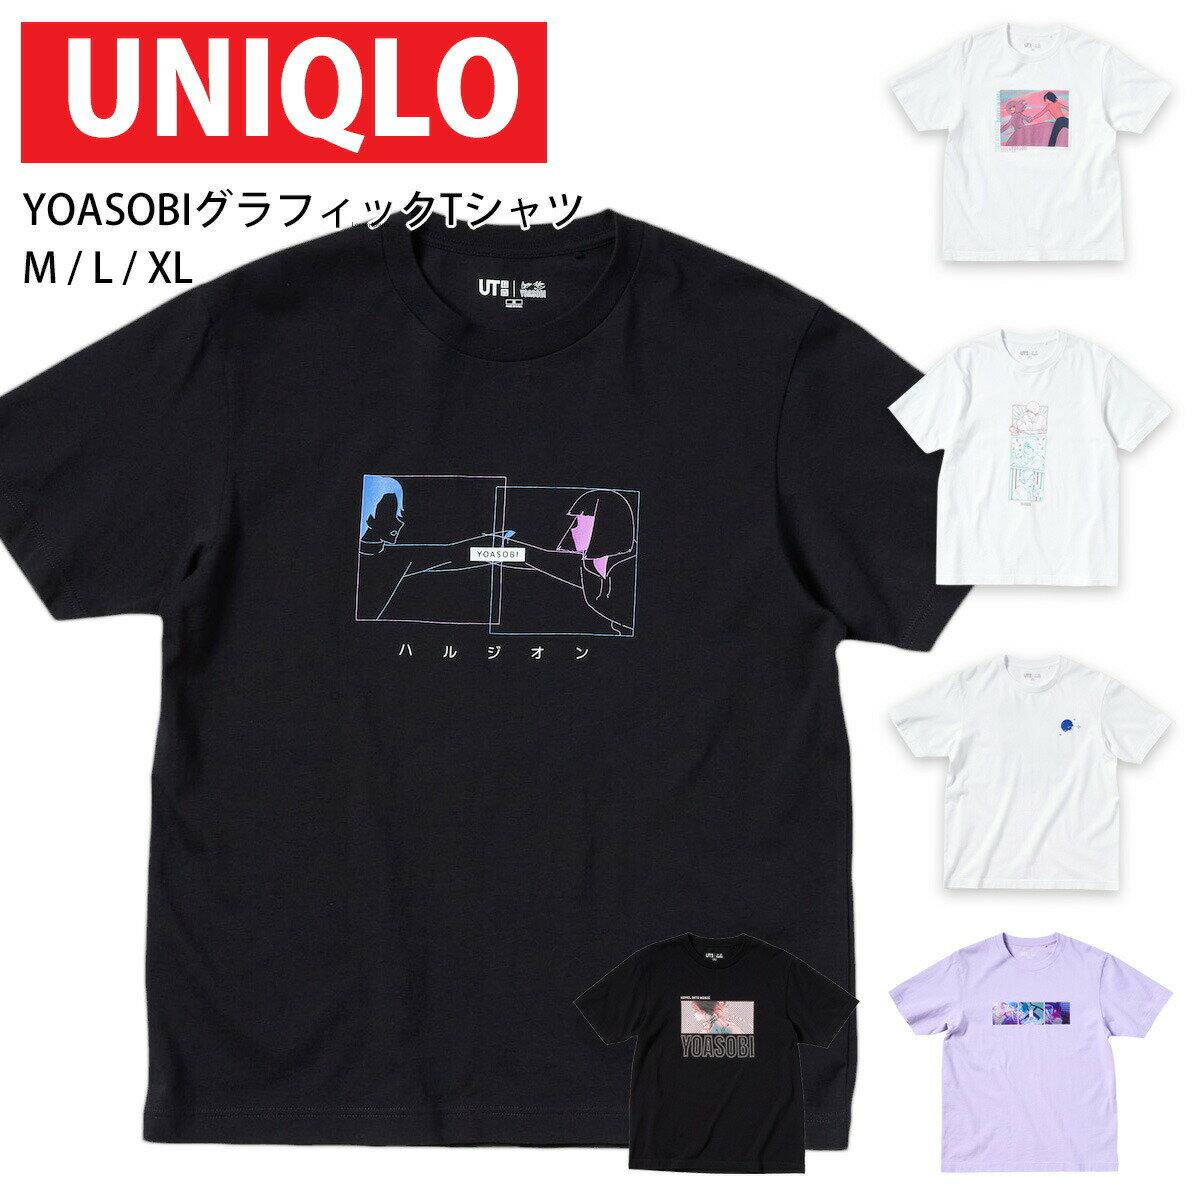 トップス, Tシャツ・カットソー 6 T YOASOBI UT MV 2021